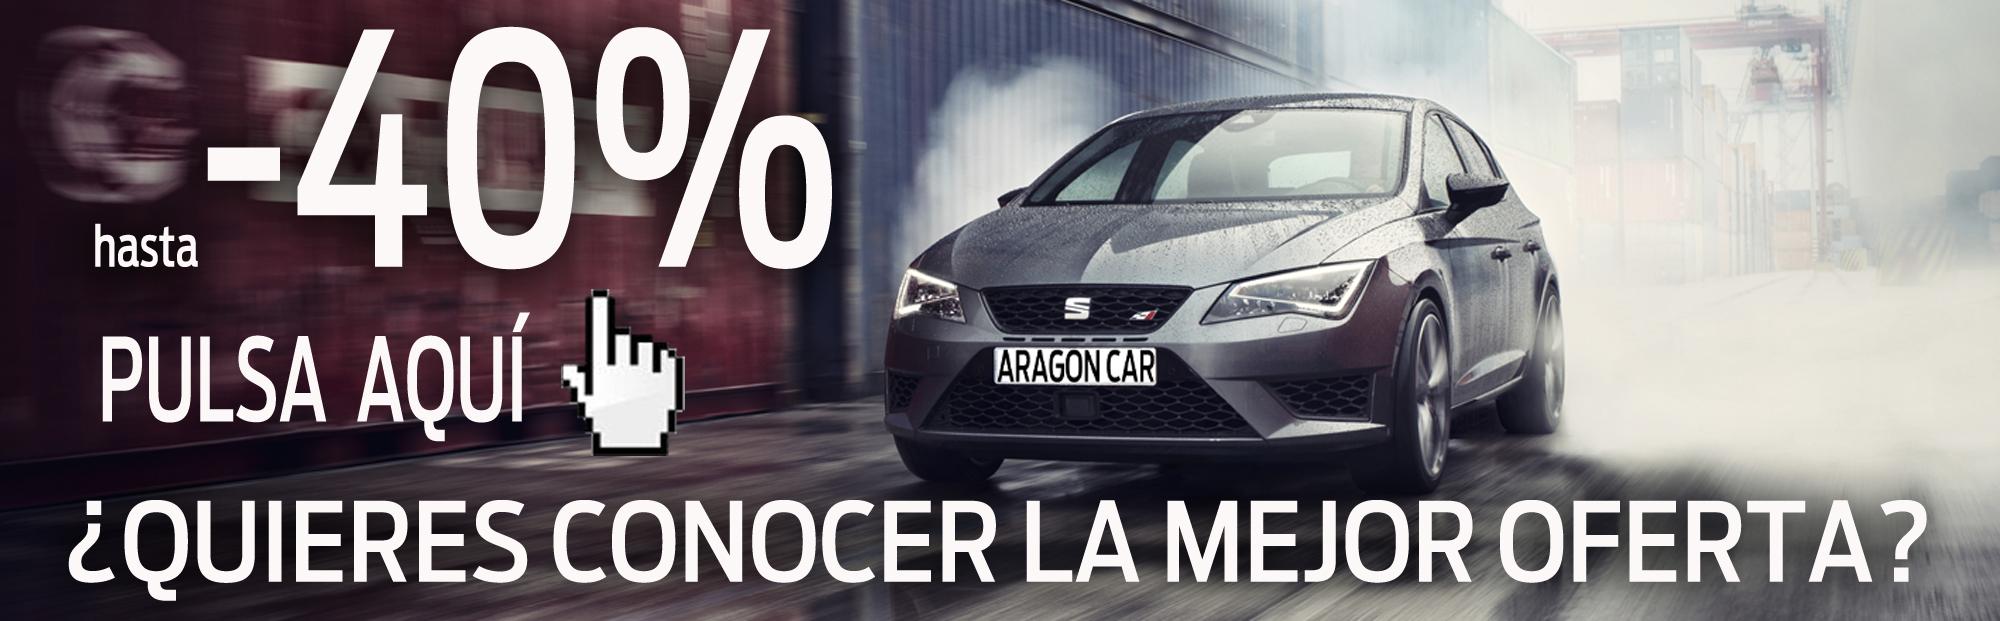 oferta Aragon car